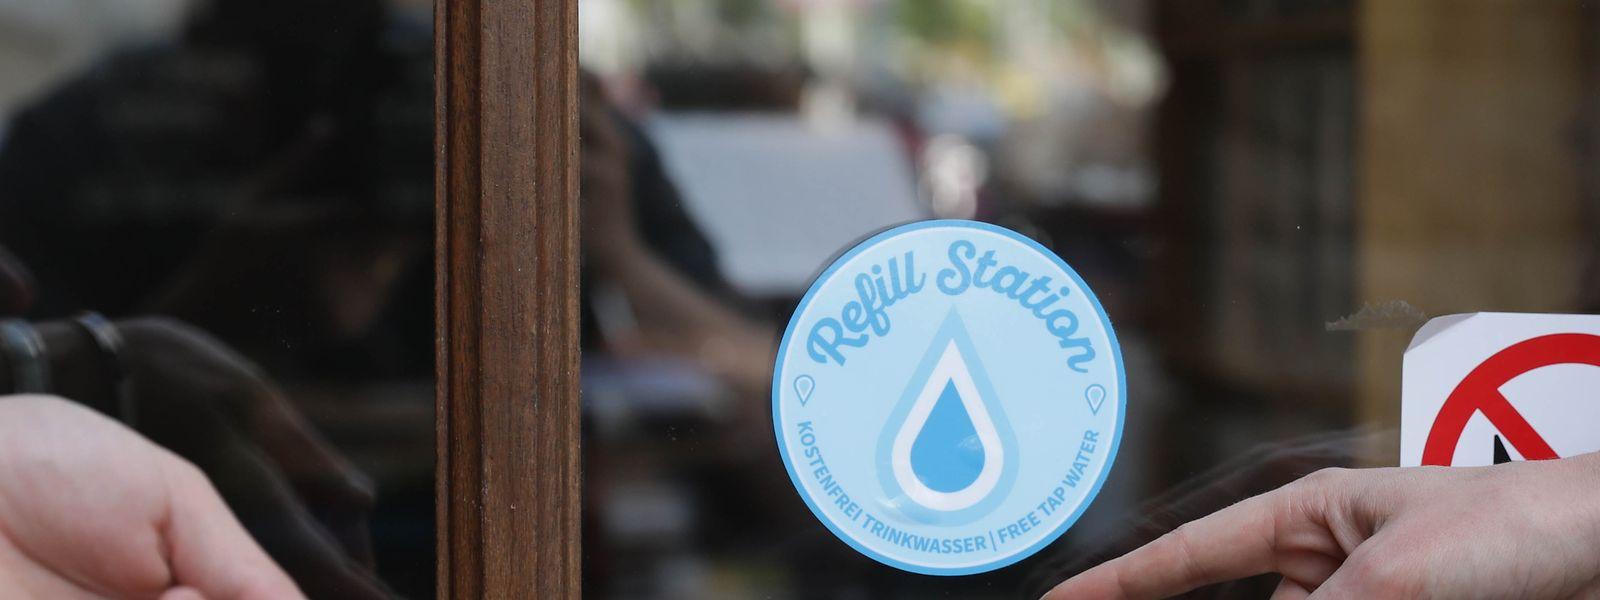 Der kleine Sticker zeigts: Hier kann man seine Wasserflasche kostenlos auffüllen.